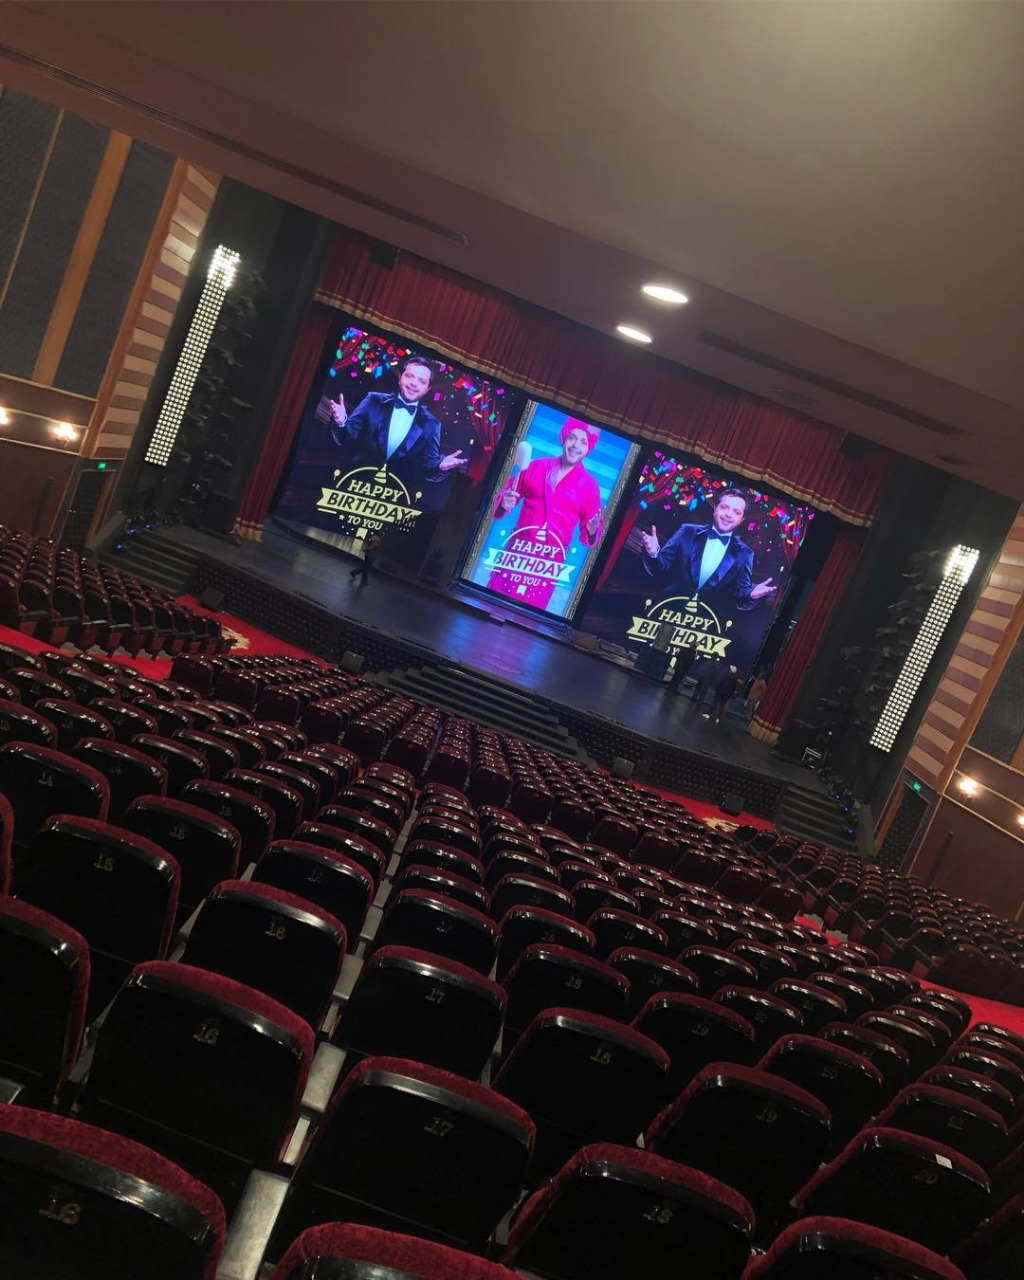 صور-محمد-هنيدى-فى-المسرح-احتفالًا-بعيد-ميلاده